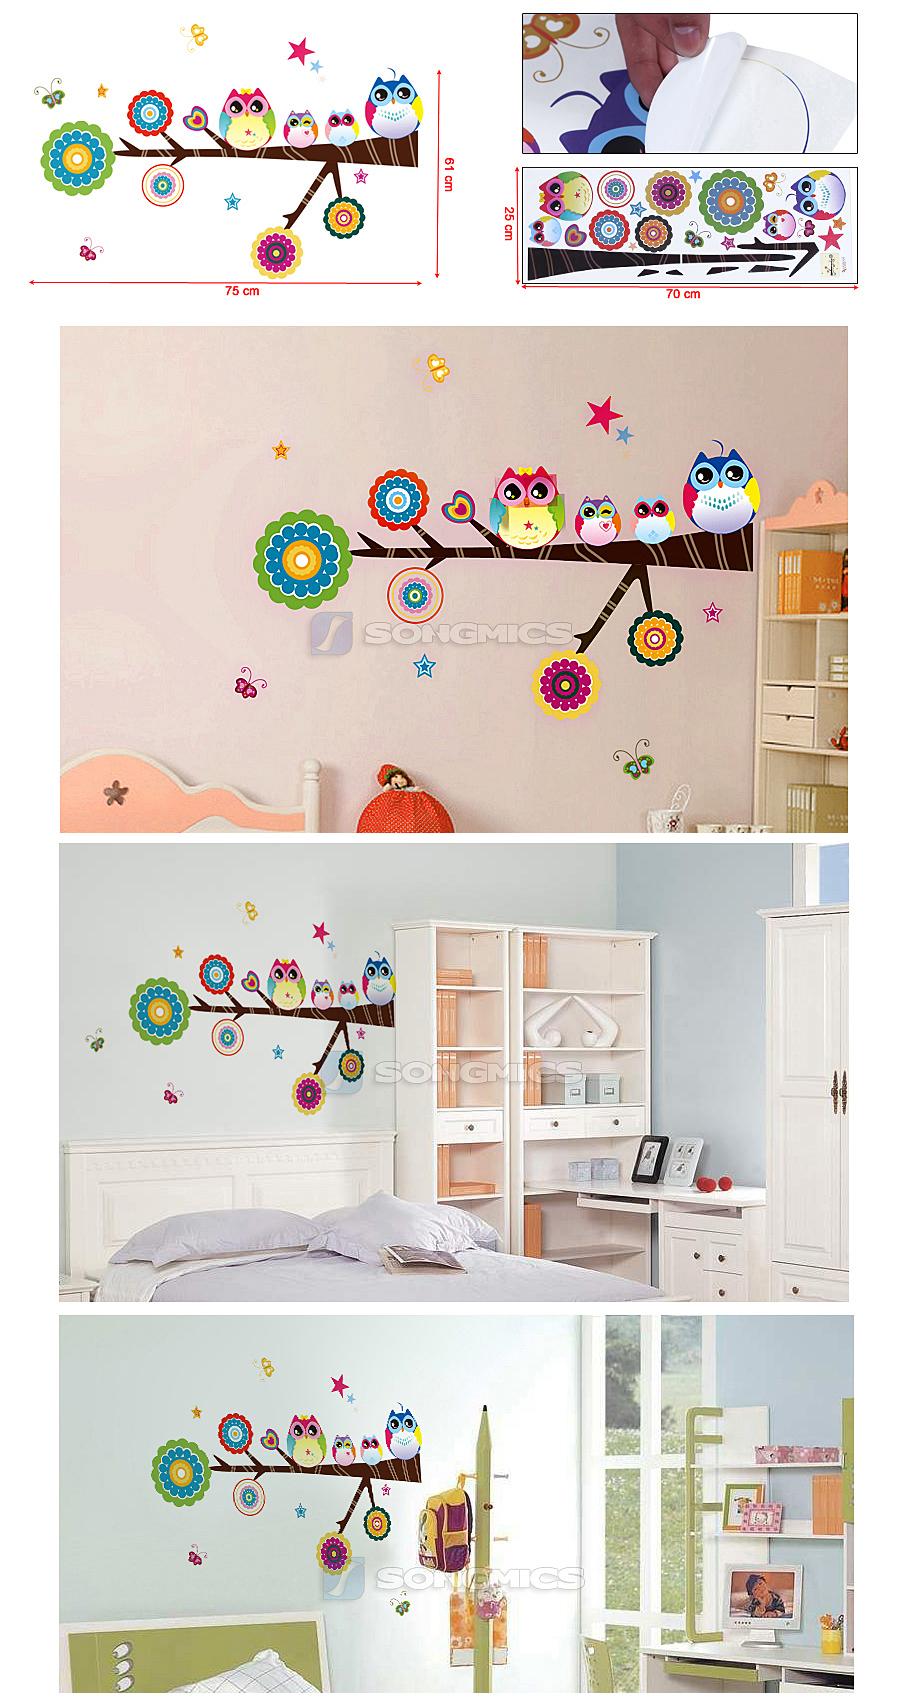 wandaufkleber eule familie baum schmetterlinge wandtattoo wandsticker fwt10c ebay. Black Bedroom Furniture Sets. Home Design Ideas